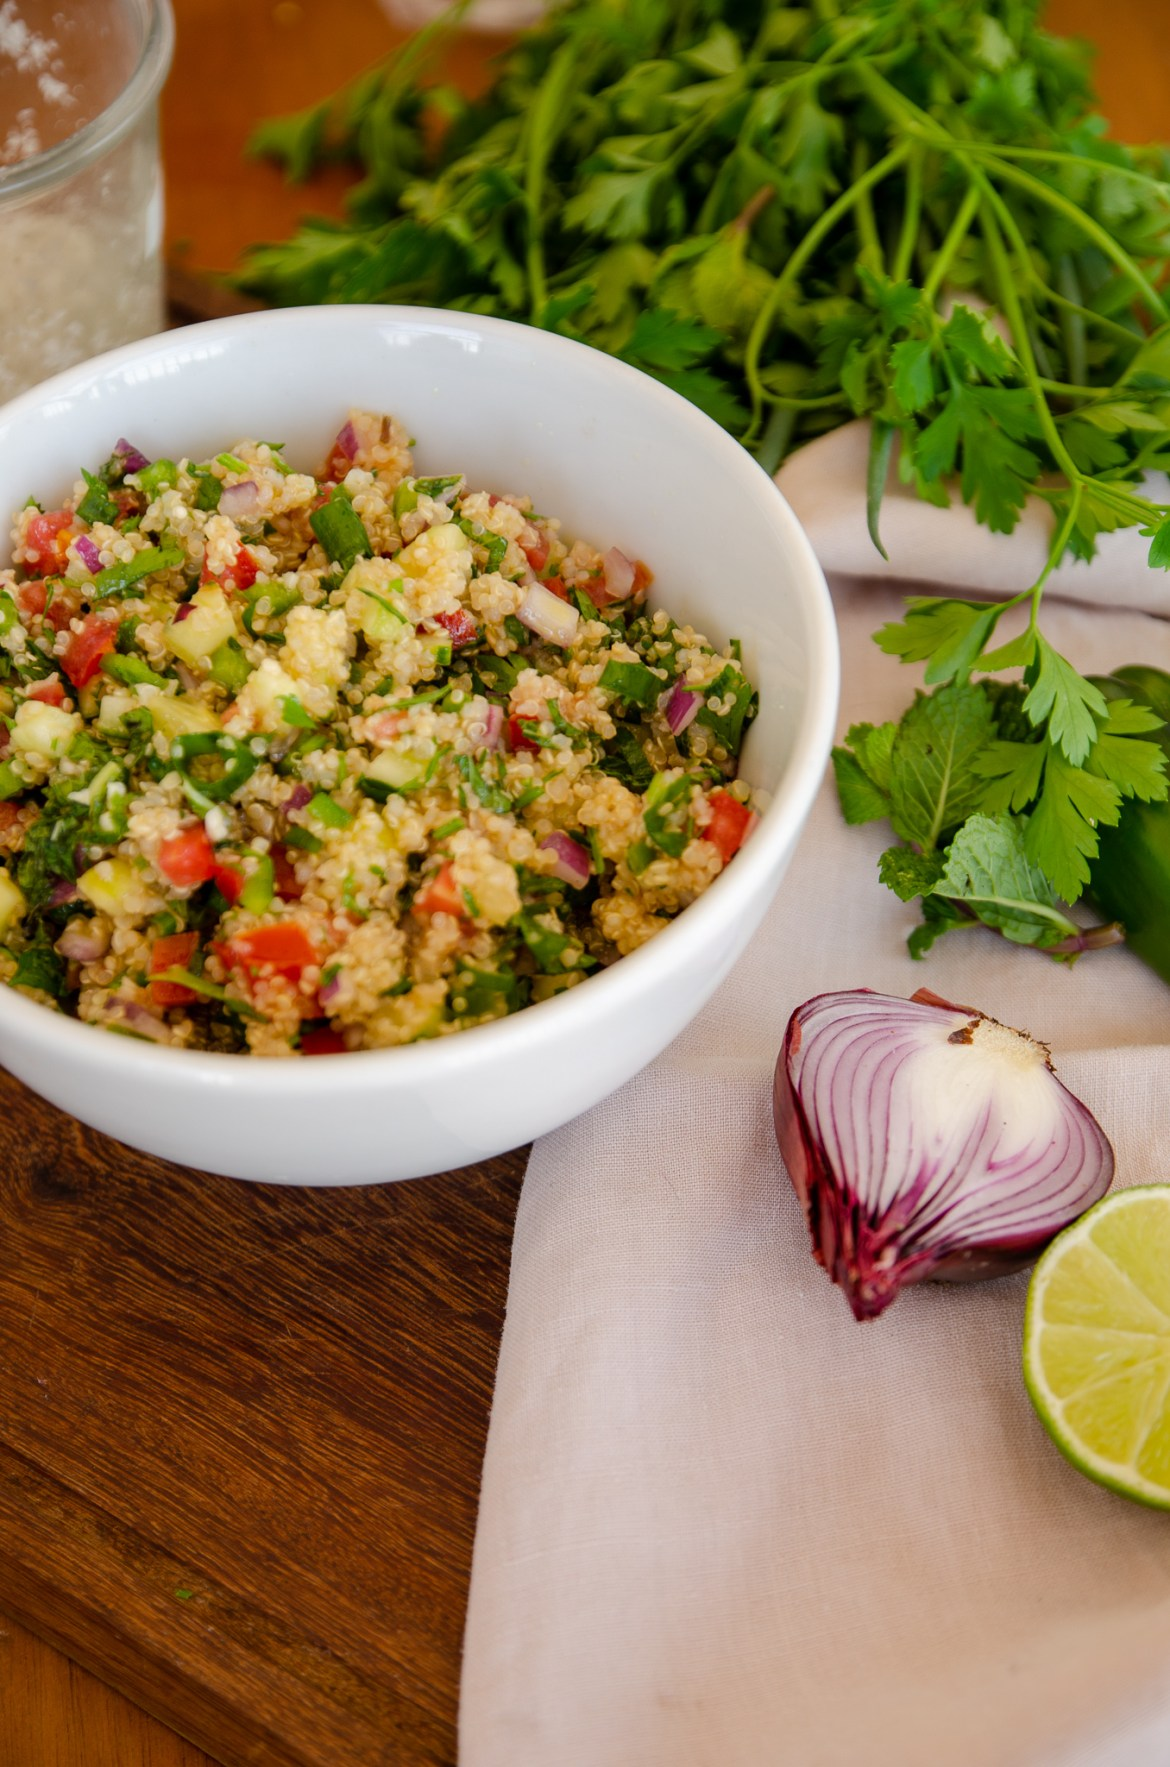 Salada tabule de quinoa em um bowl branco sobre uma mesa de madeira, ao lado os temperos utilizados na receita, limão, cebola e cheiro verde